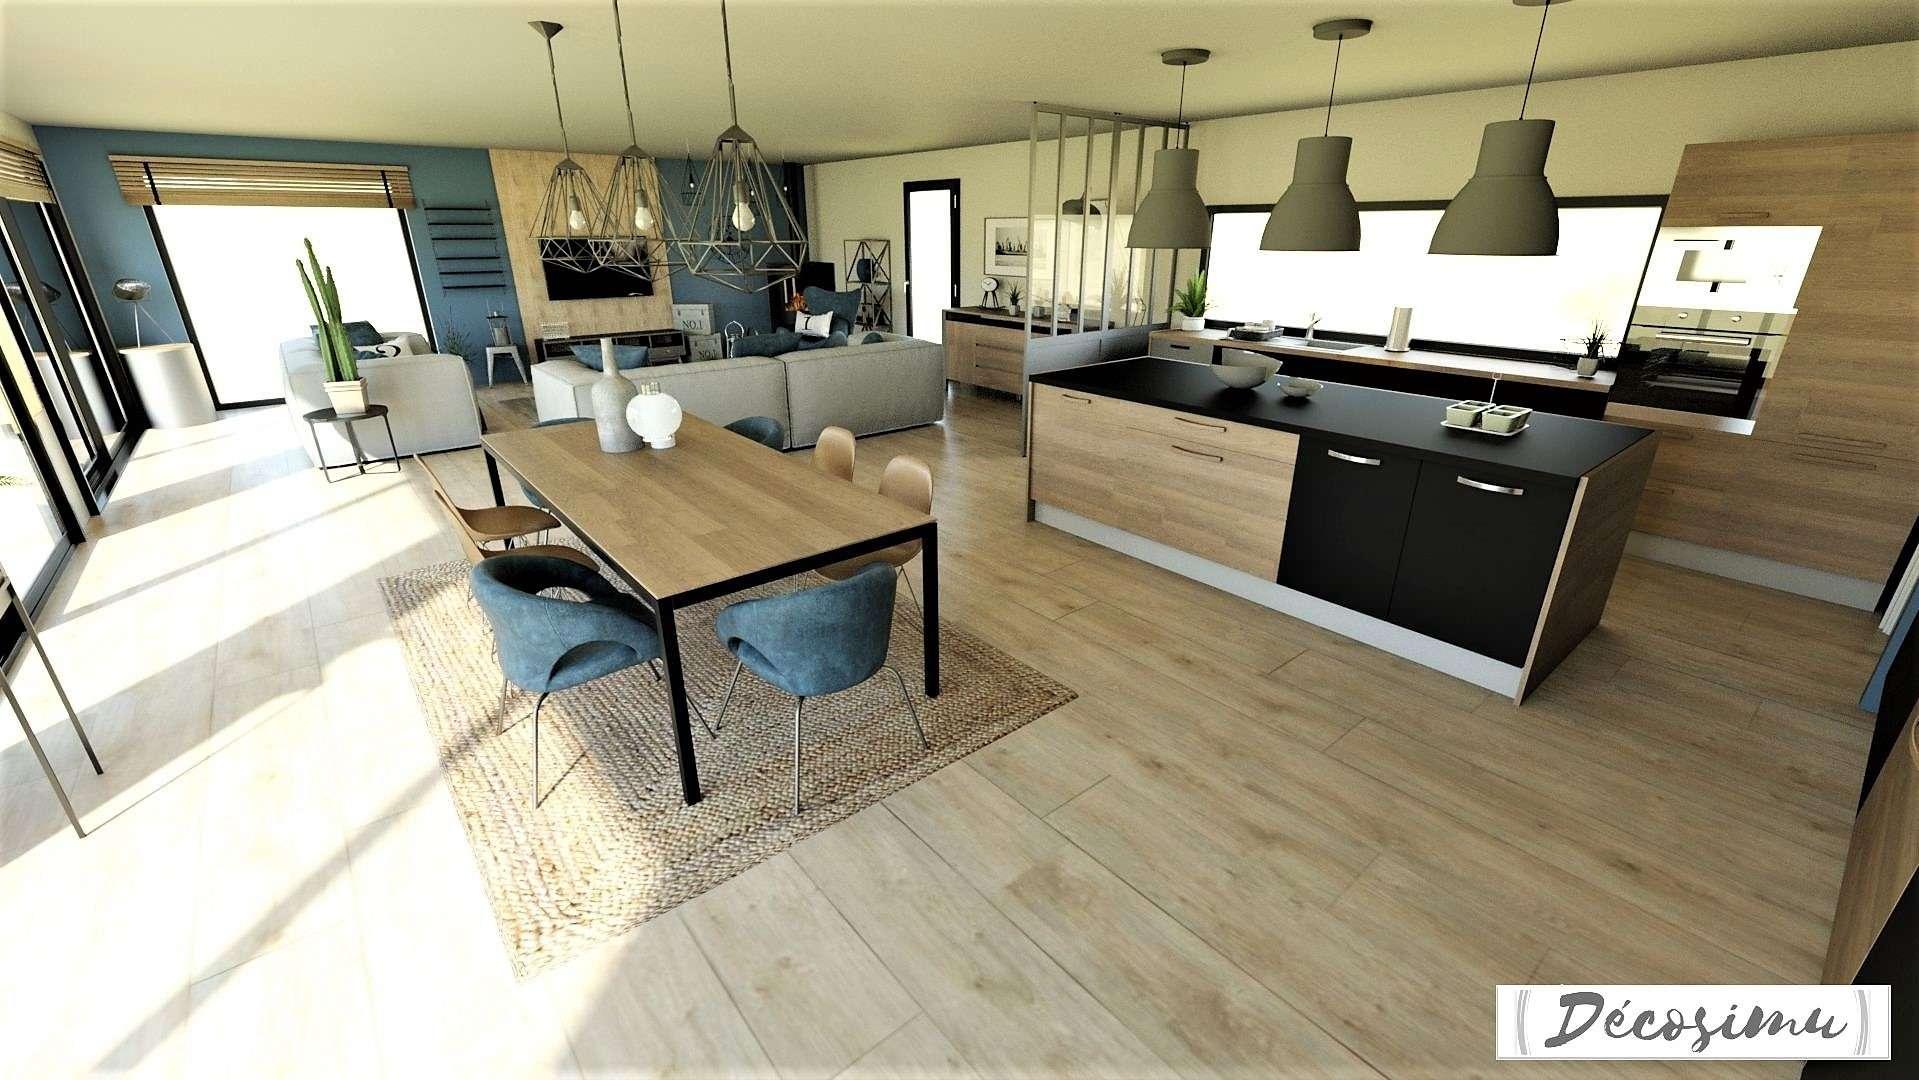 Création, agencement et décoration d'une séjour